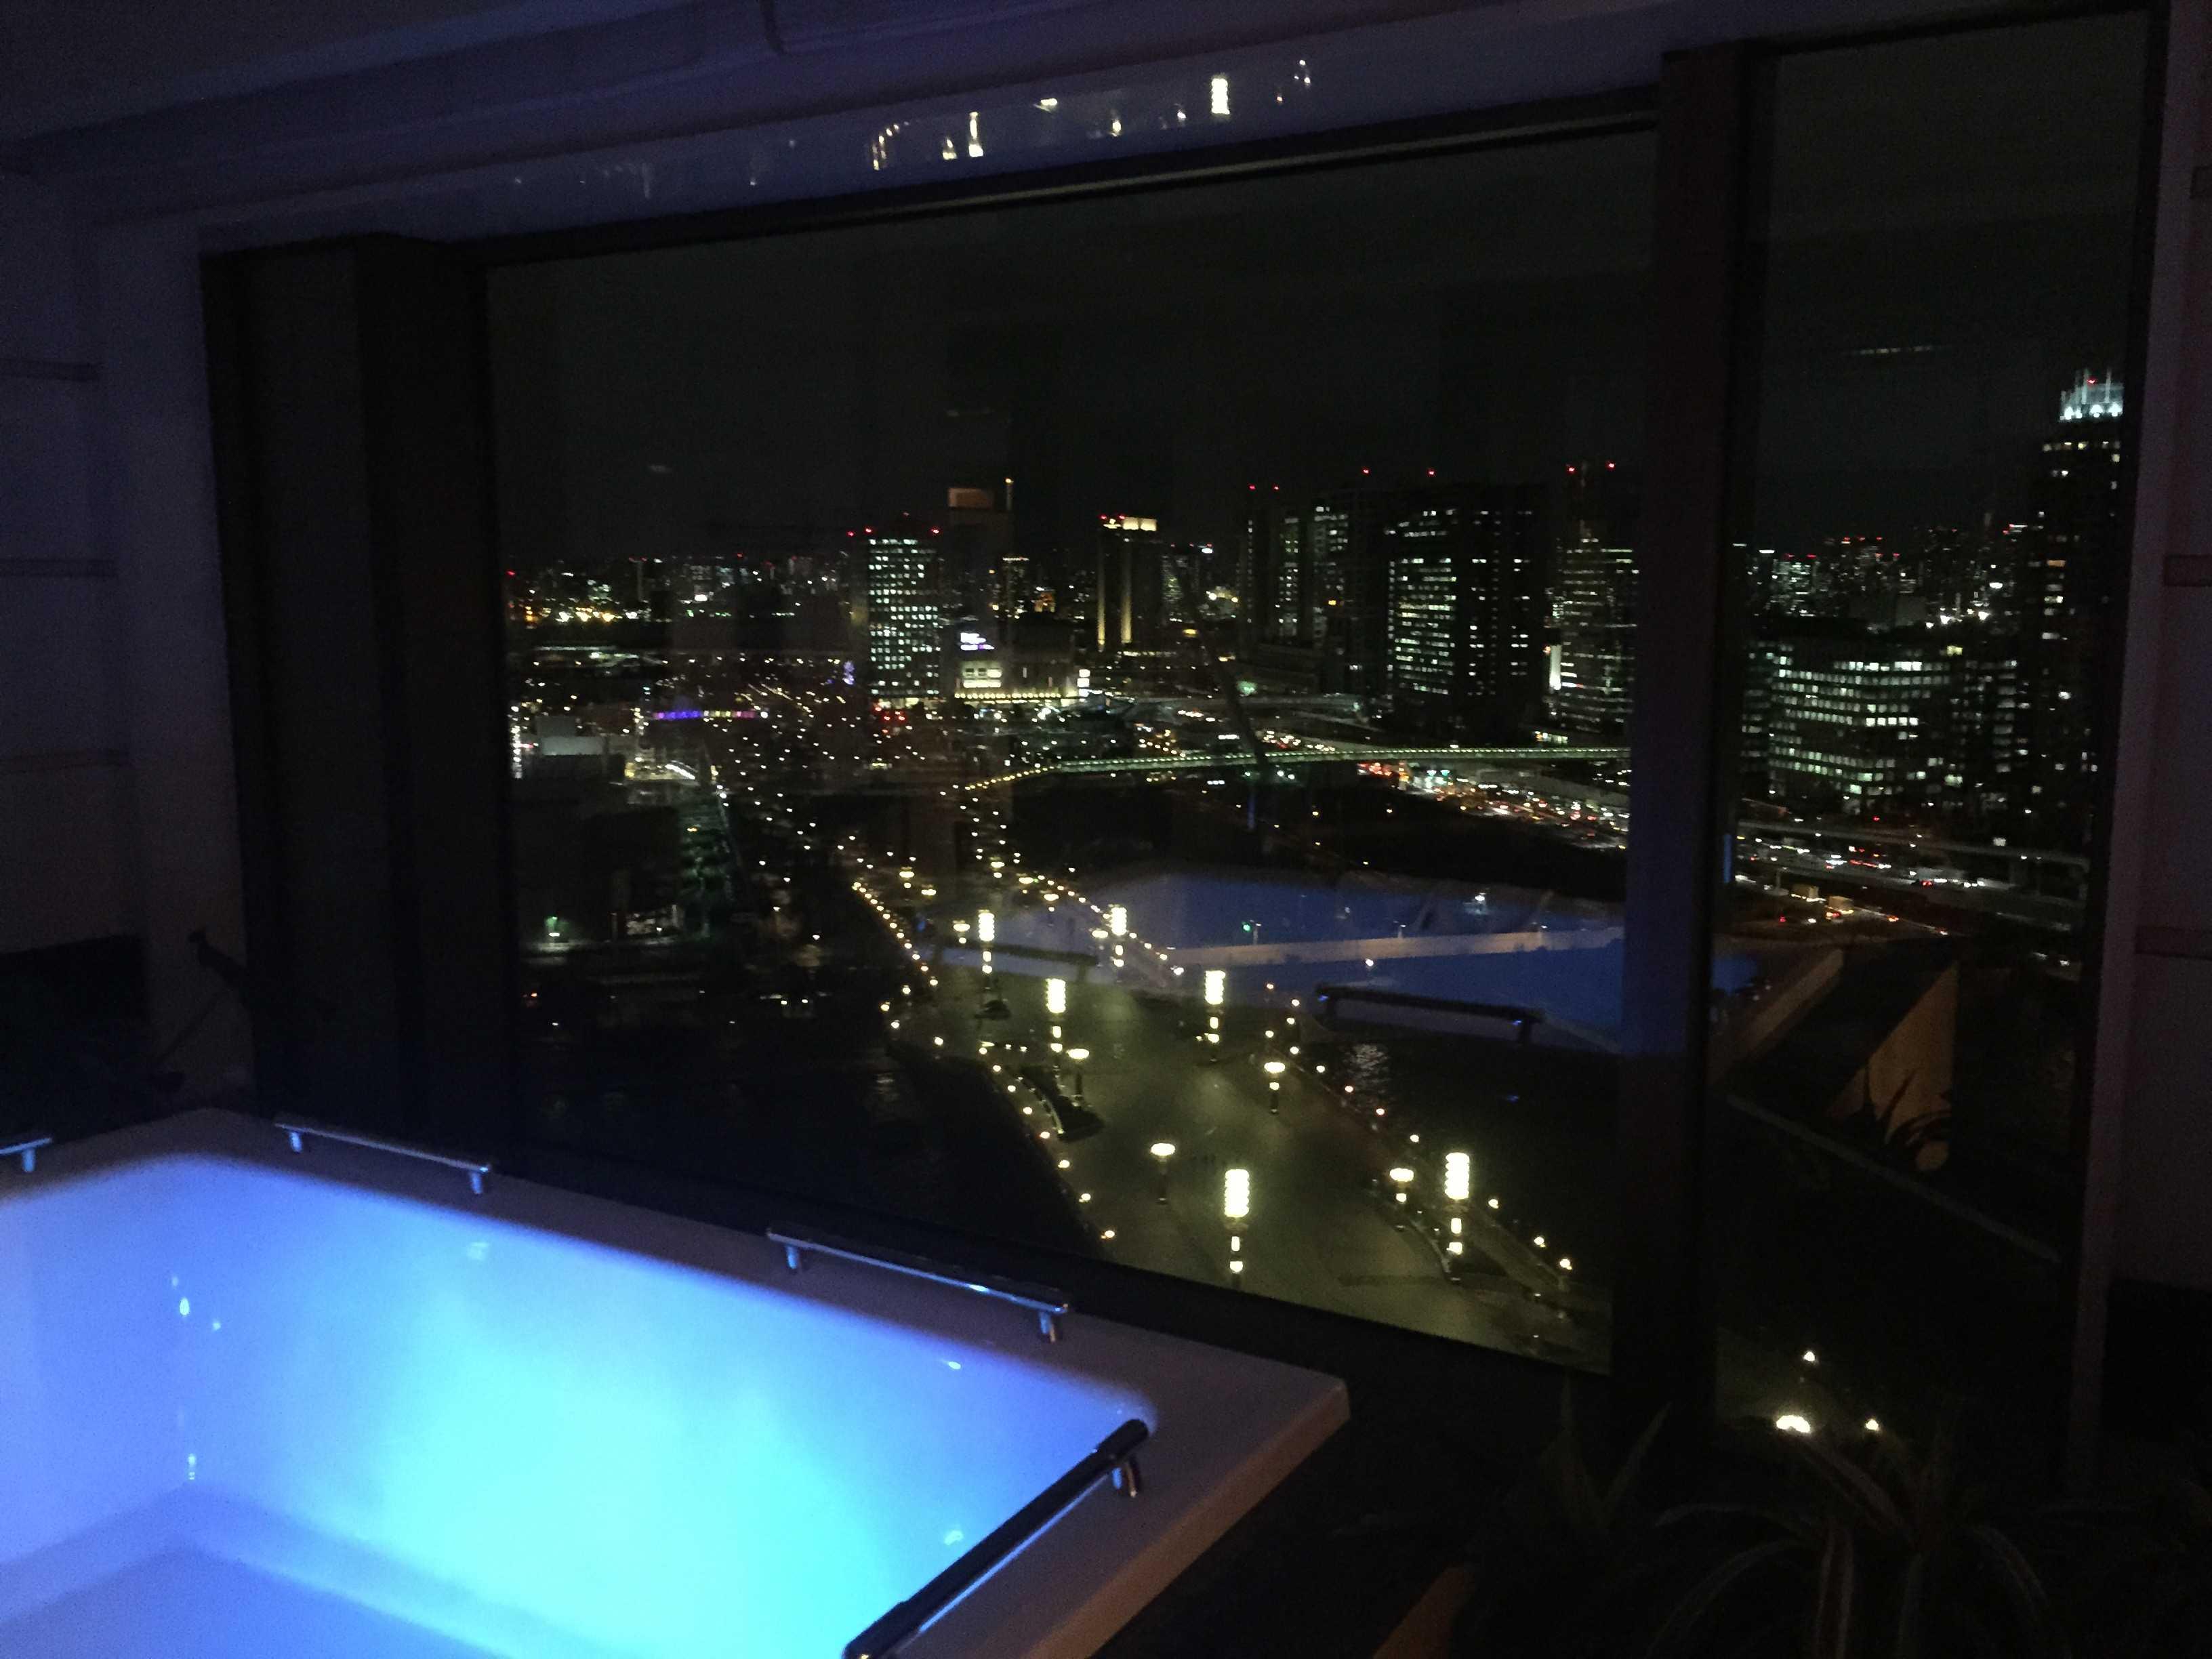 東京ベイコート倶楽部: ロイヤルスイート バスルームからの夜景